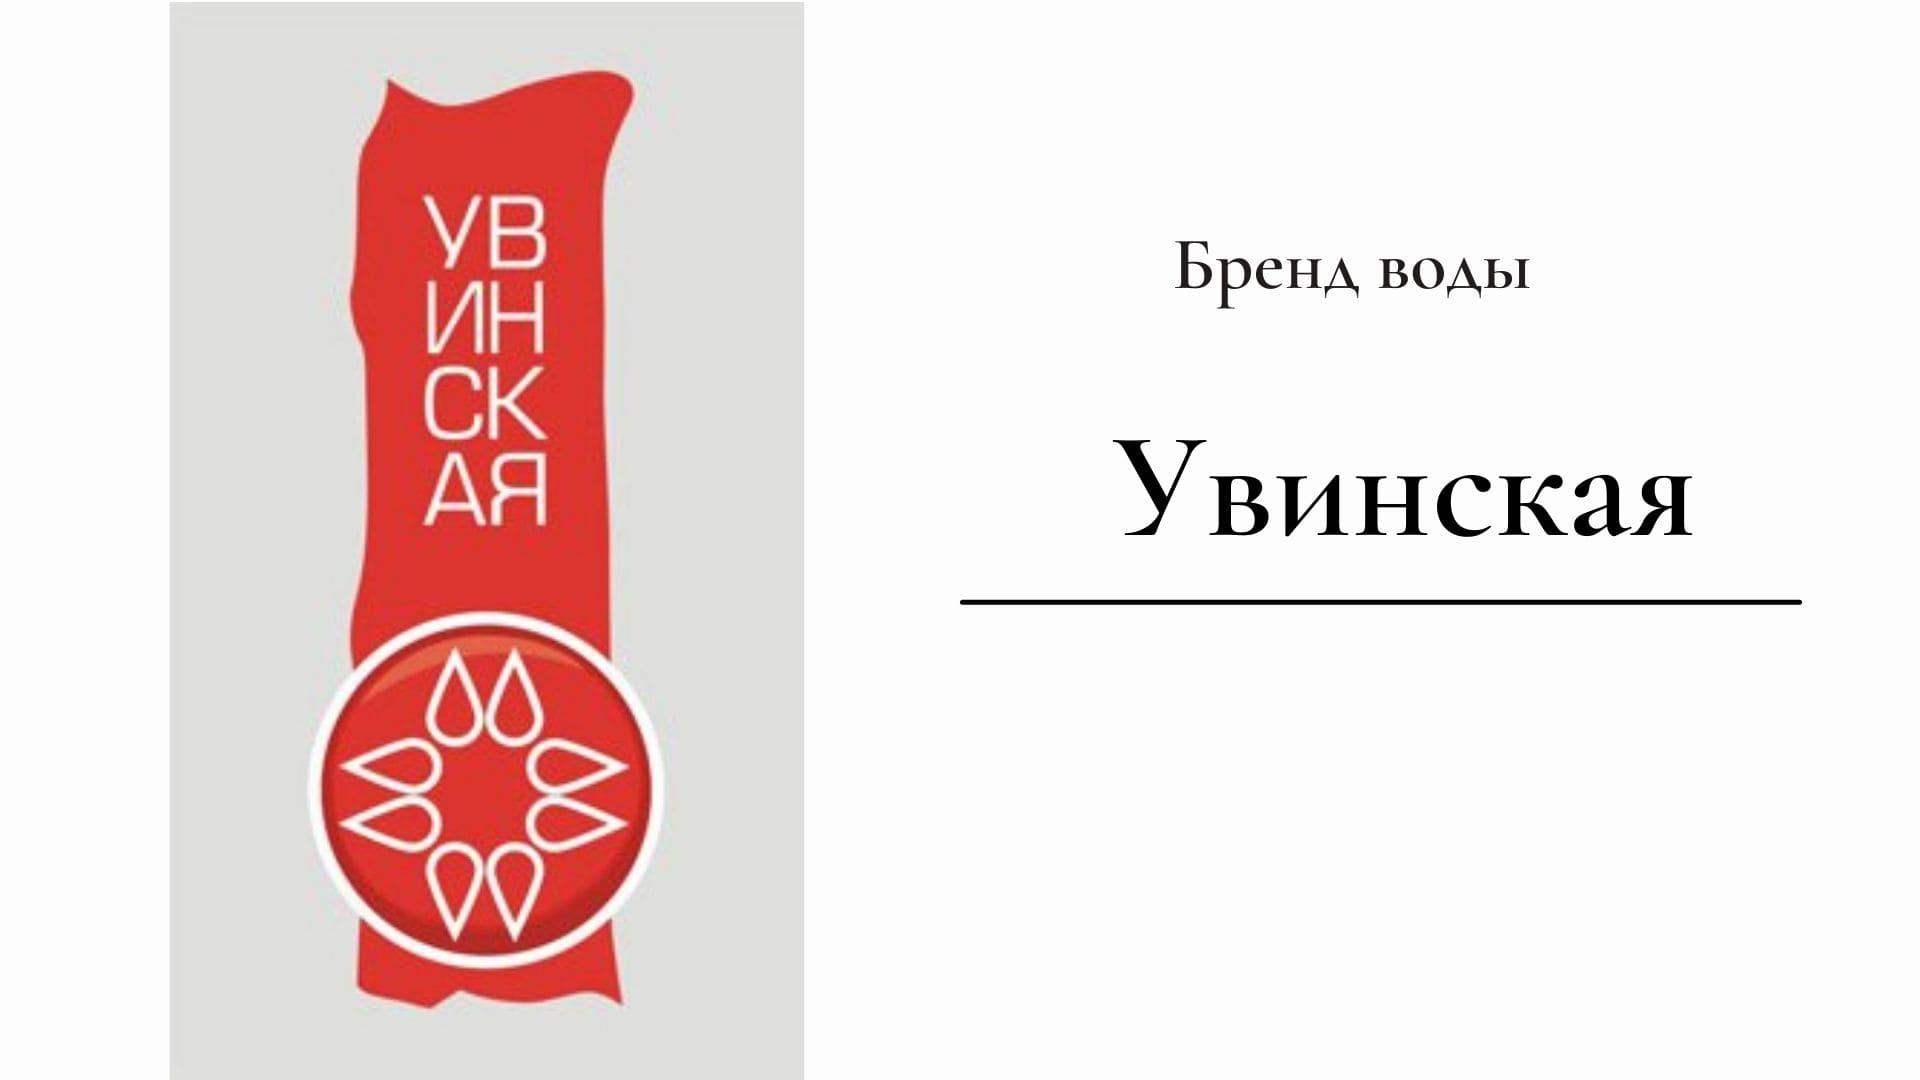 Бренд Увинская жемчужина